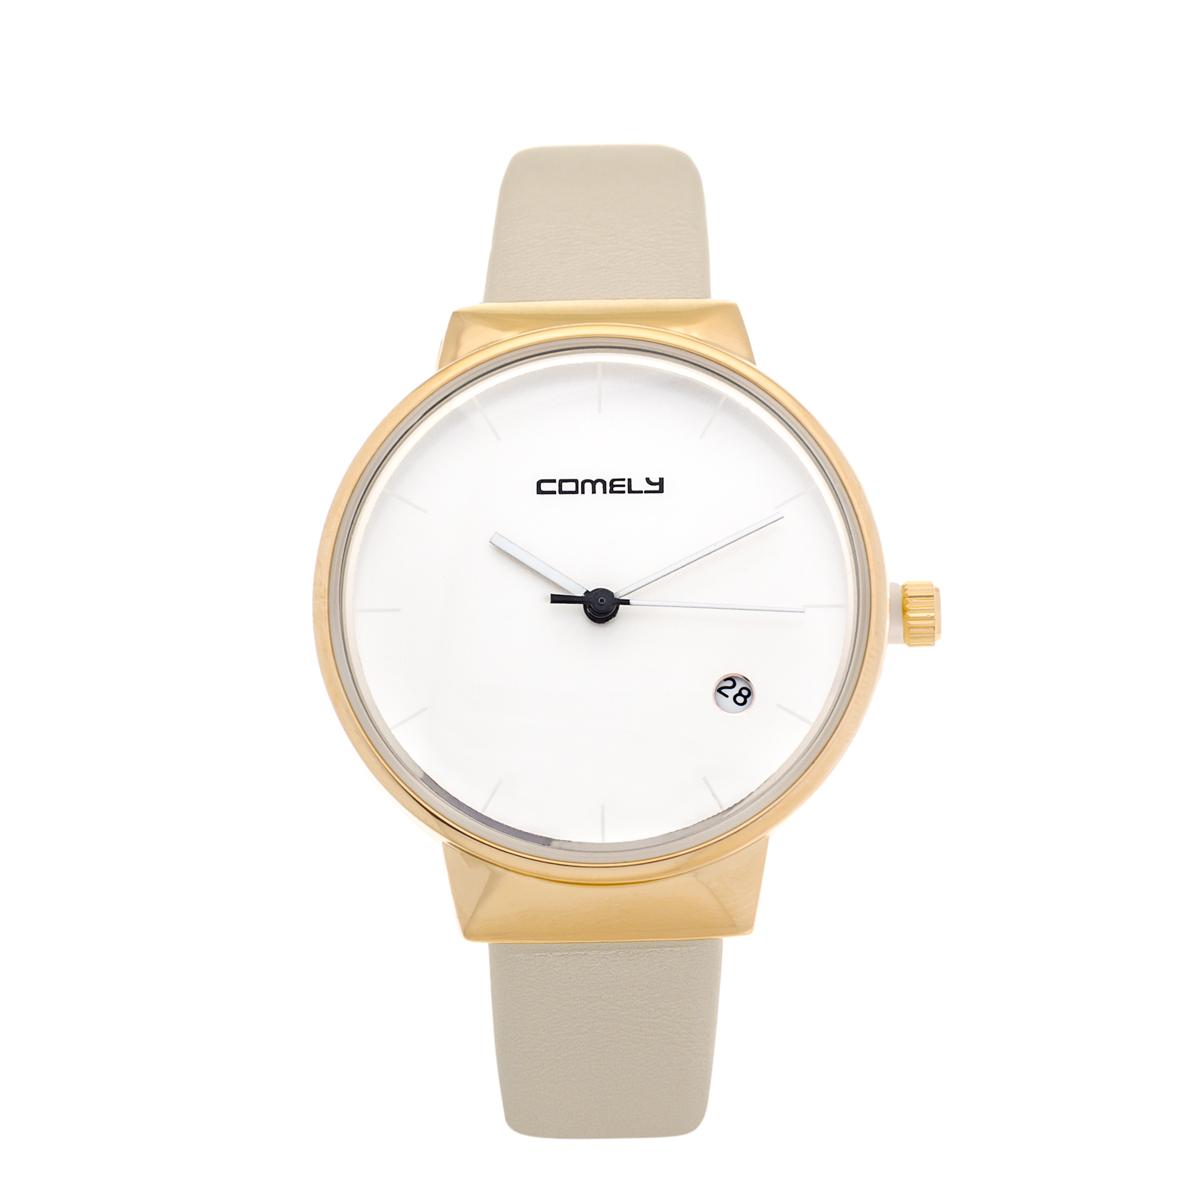 ساعت  مچی عقربه ای زنانه کاملی کد W1124